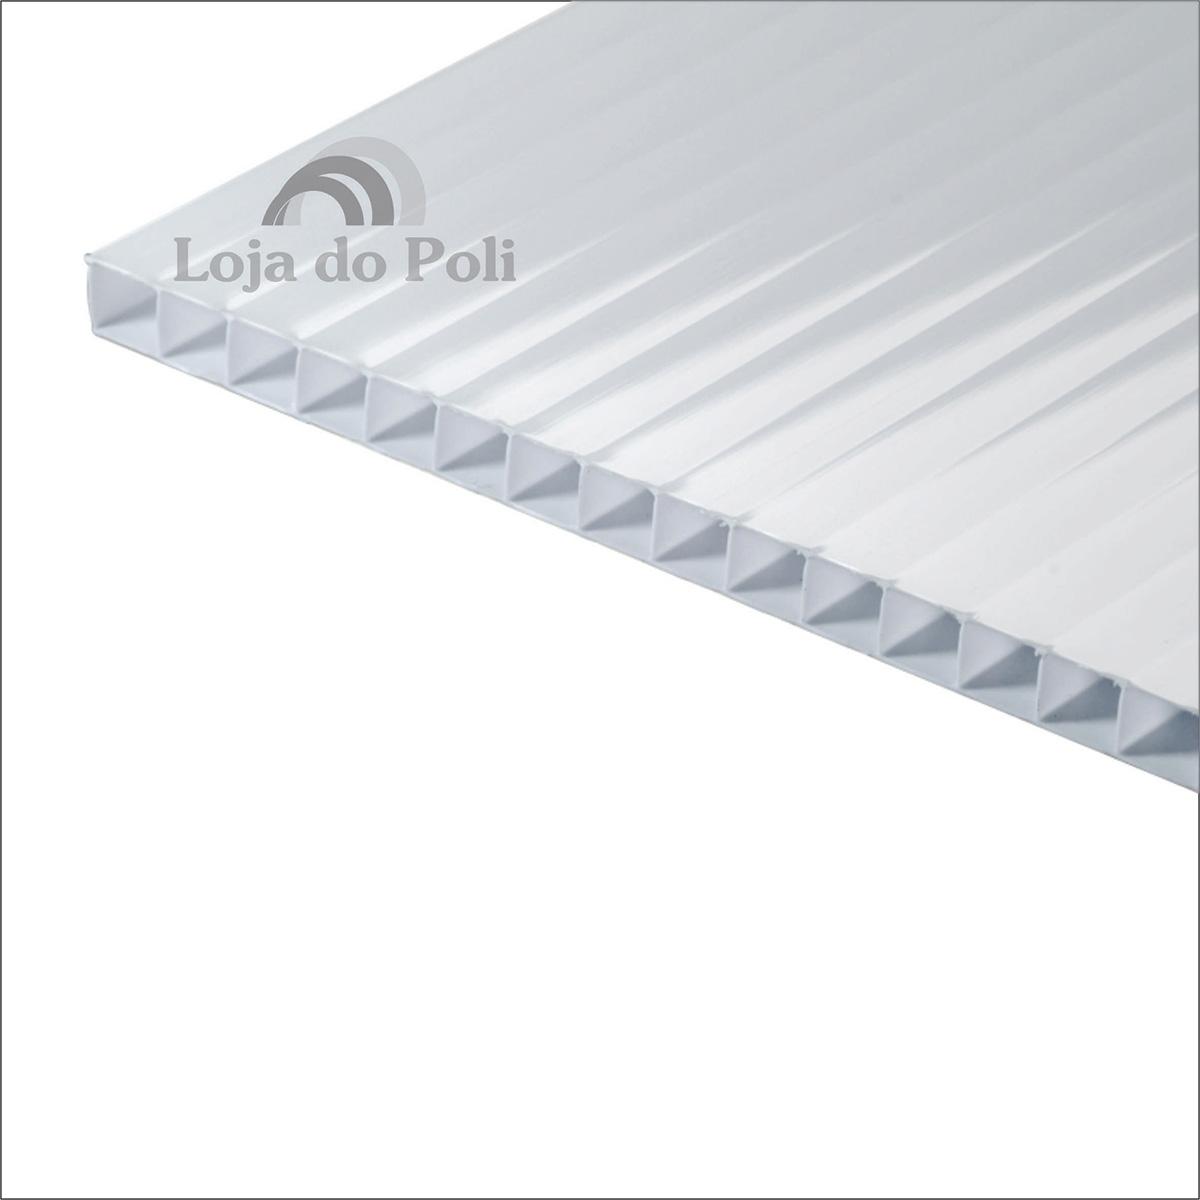 Chapa Policarbonato Alveolar Branco 10mm 2,1x6,0m